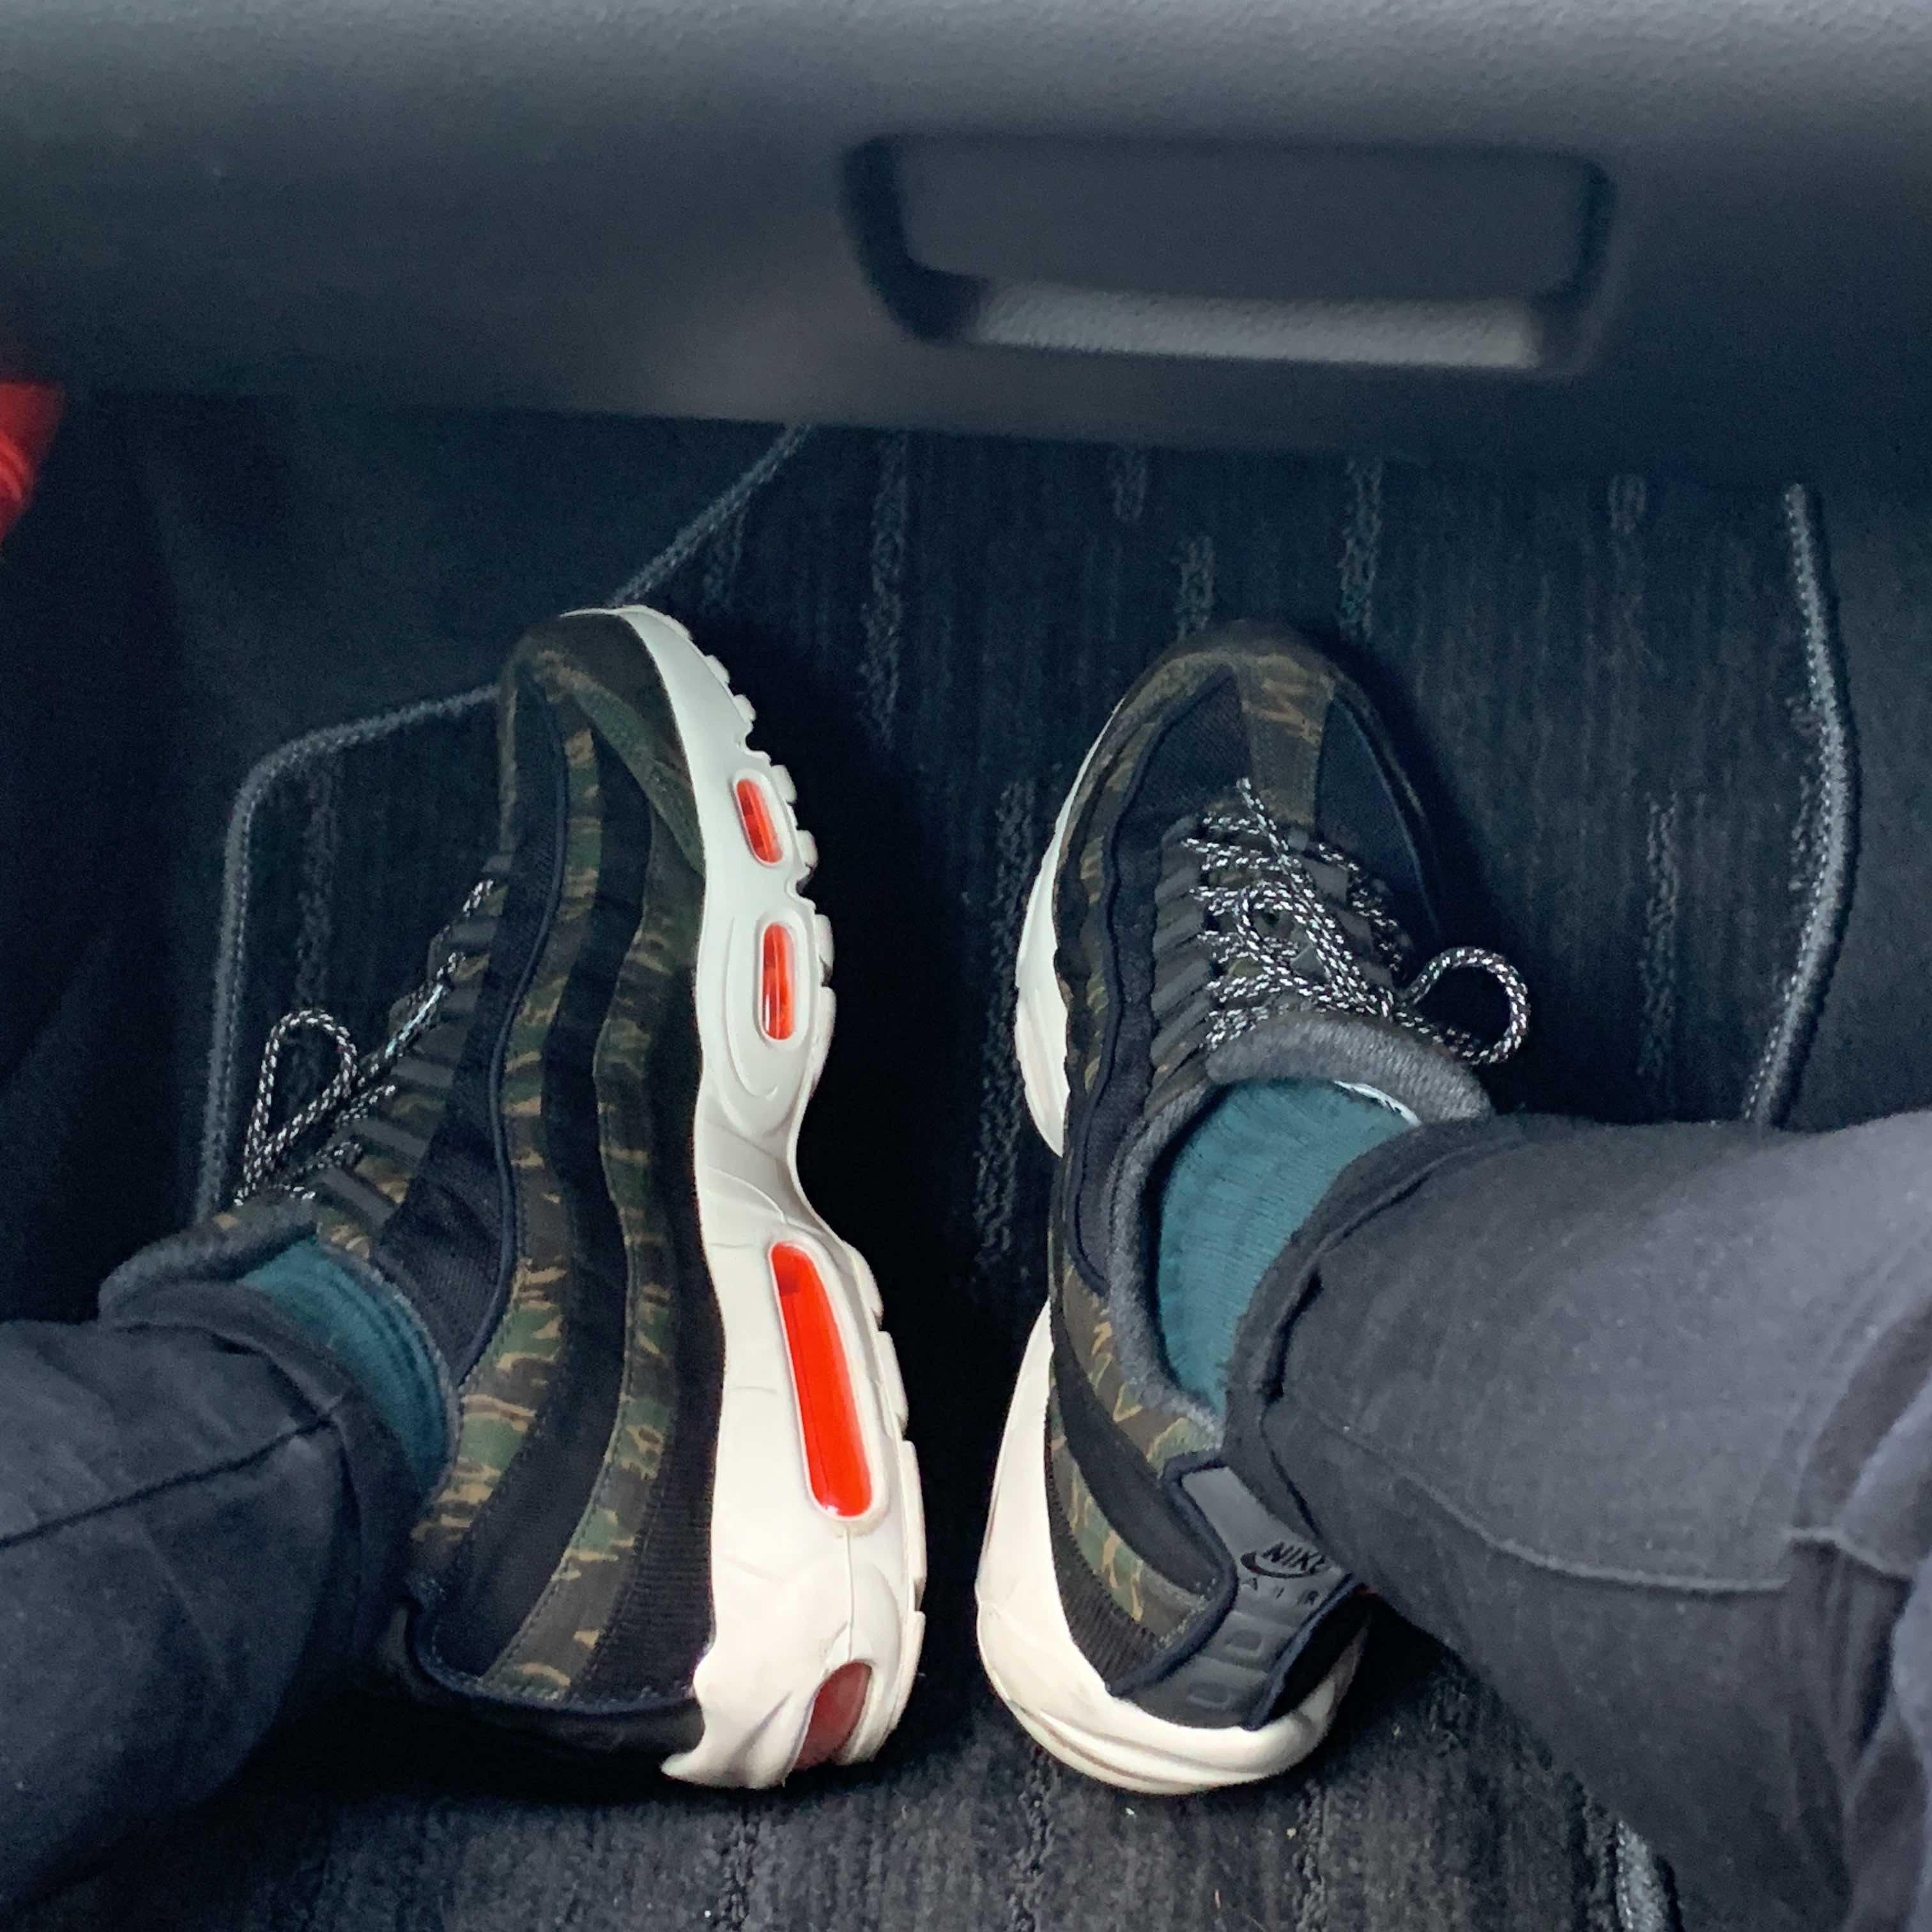 車で移動中に撮りました。 カモ柄とちょっと見えるオレンジの組み合わせがお気に入り